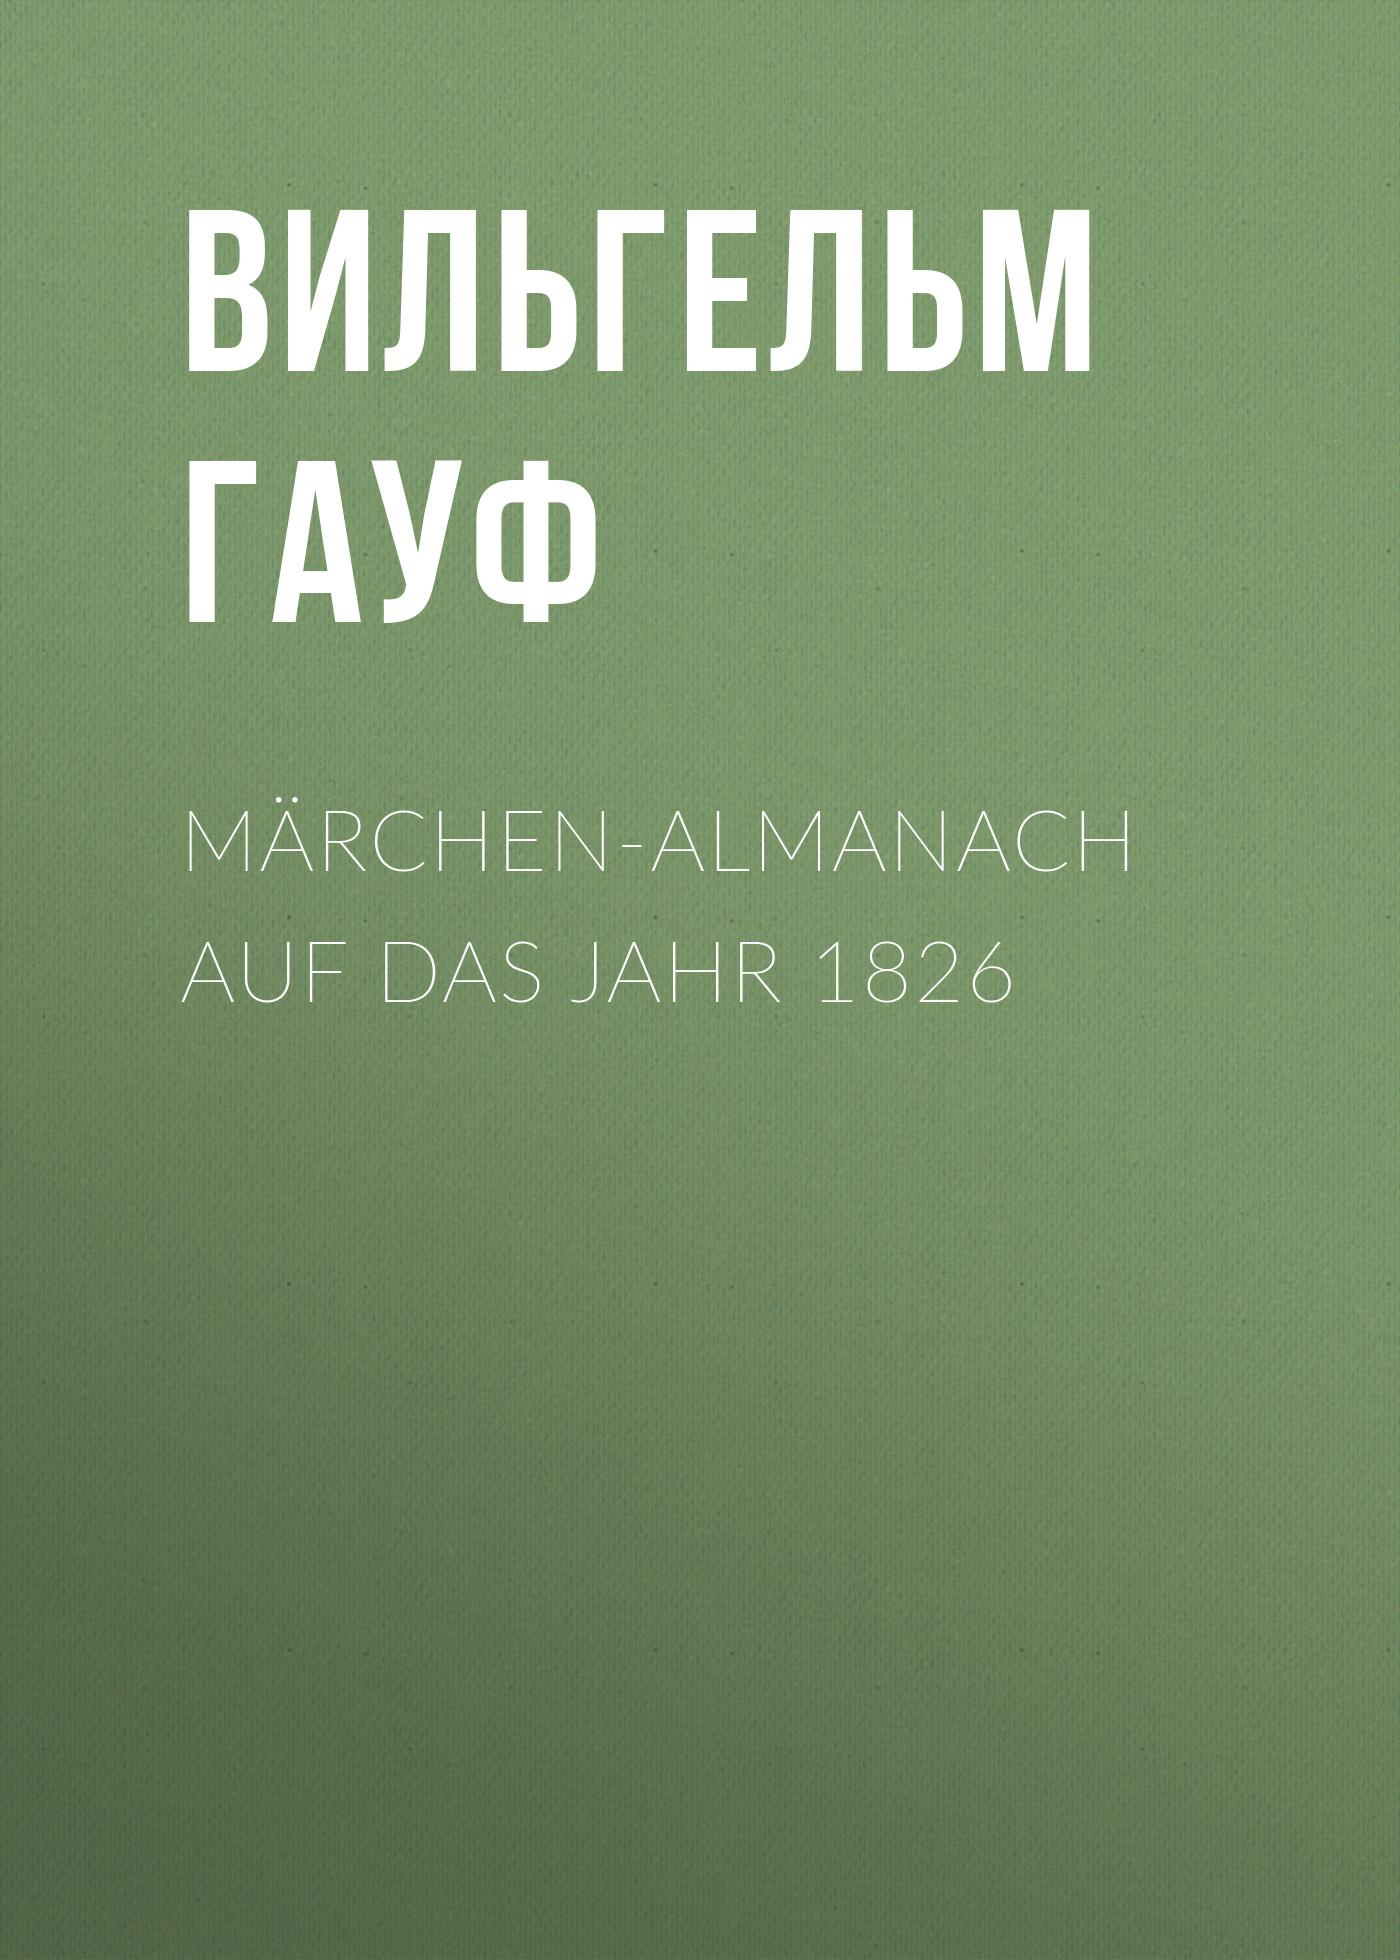 Вильгельм Гауф Märchen-Almanach auf das Jahr 1826 hp 91 c9461a magenta yellow